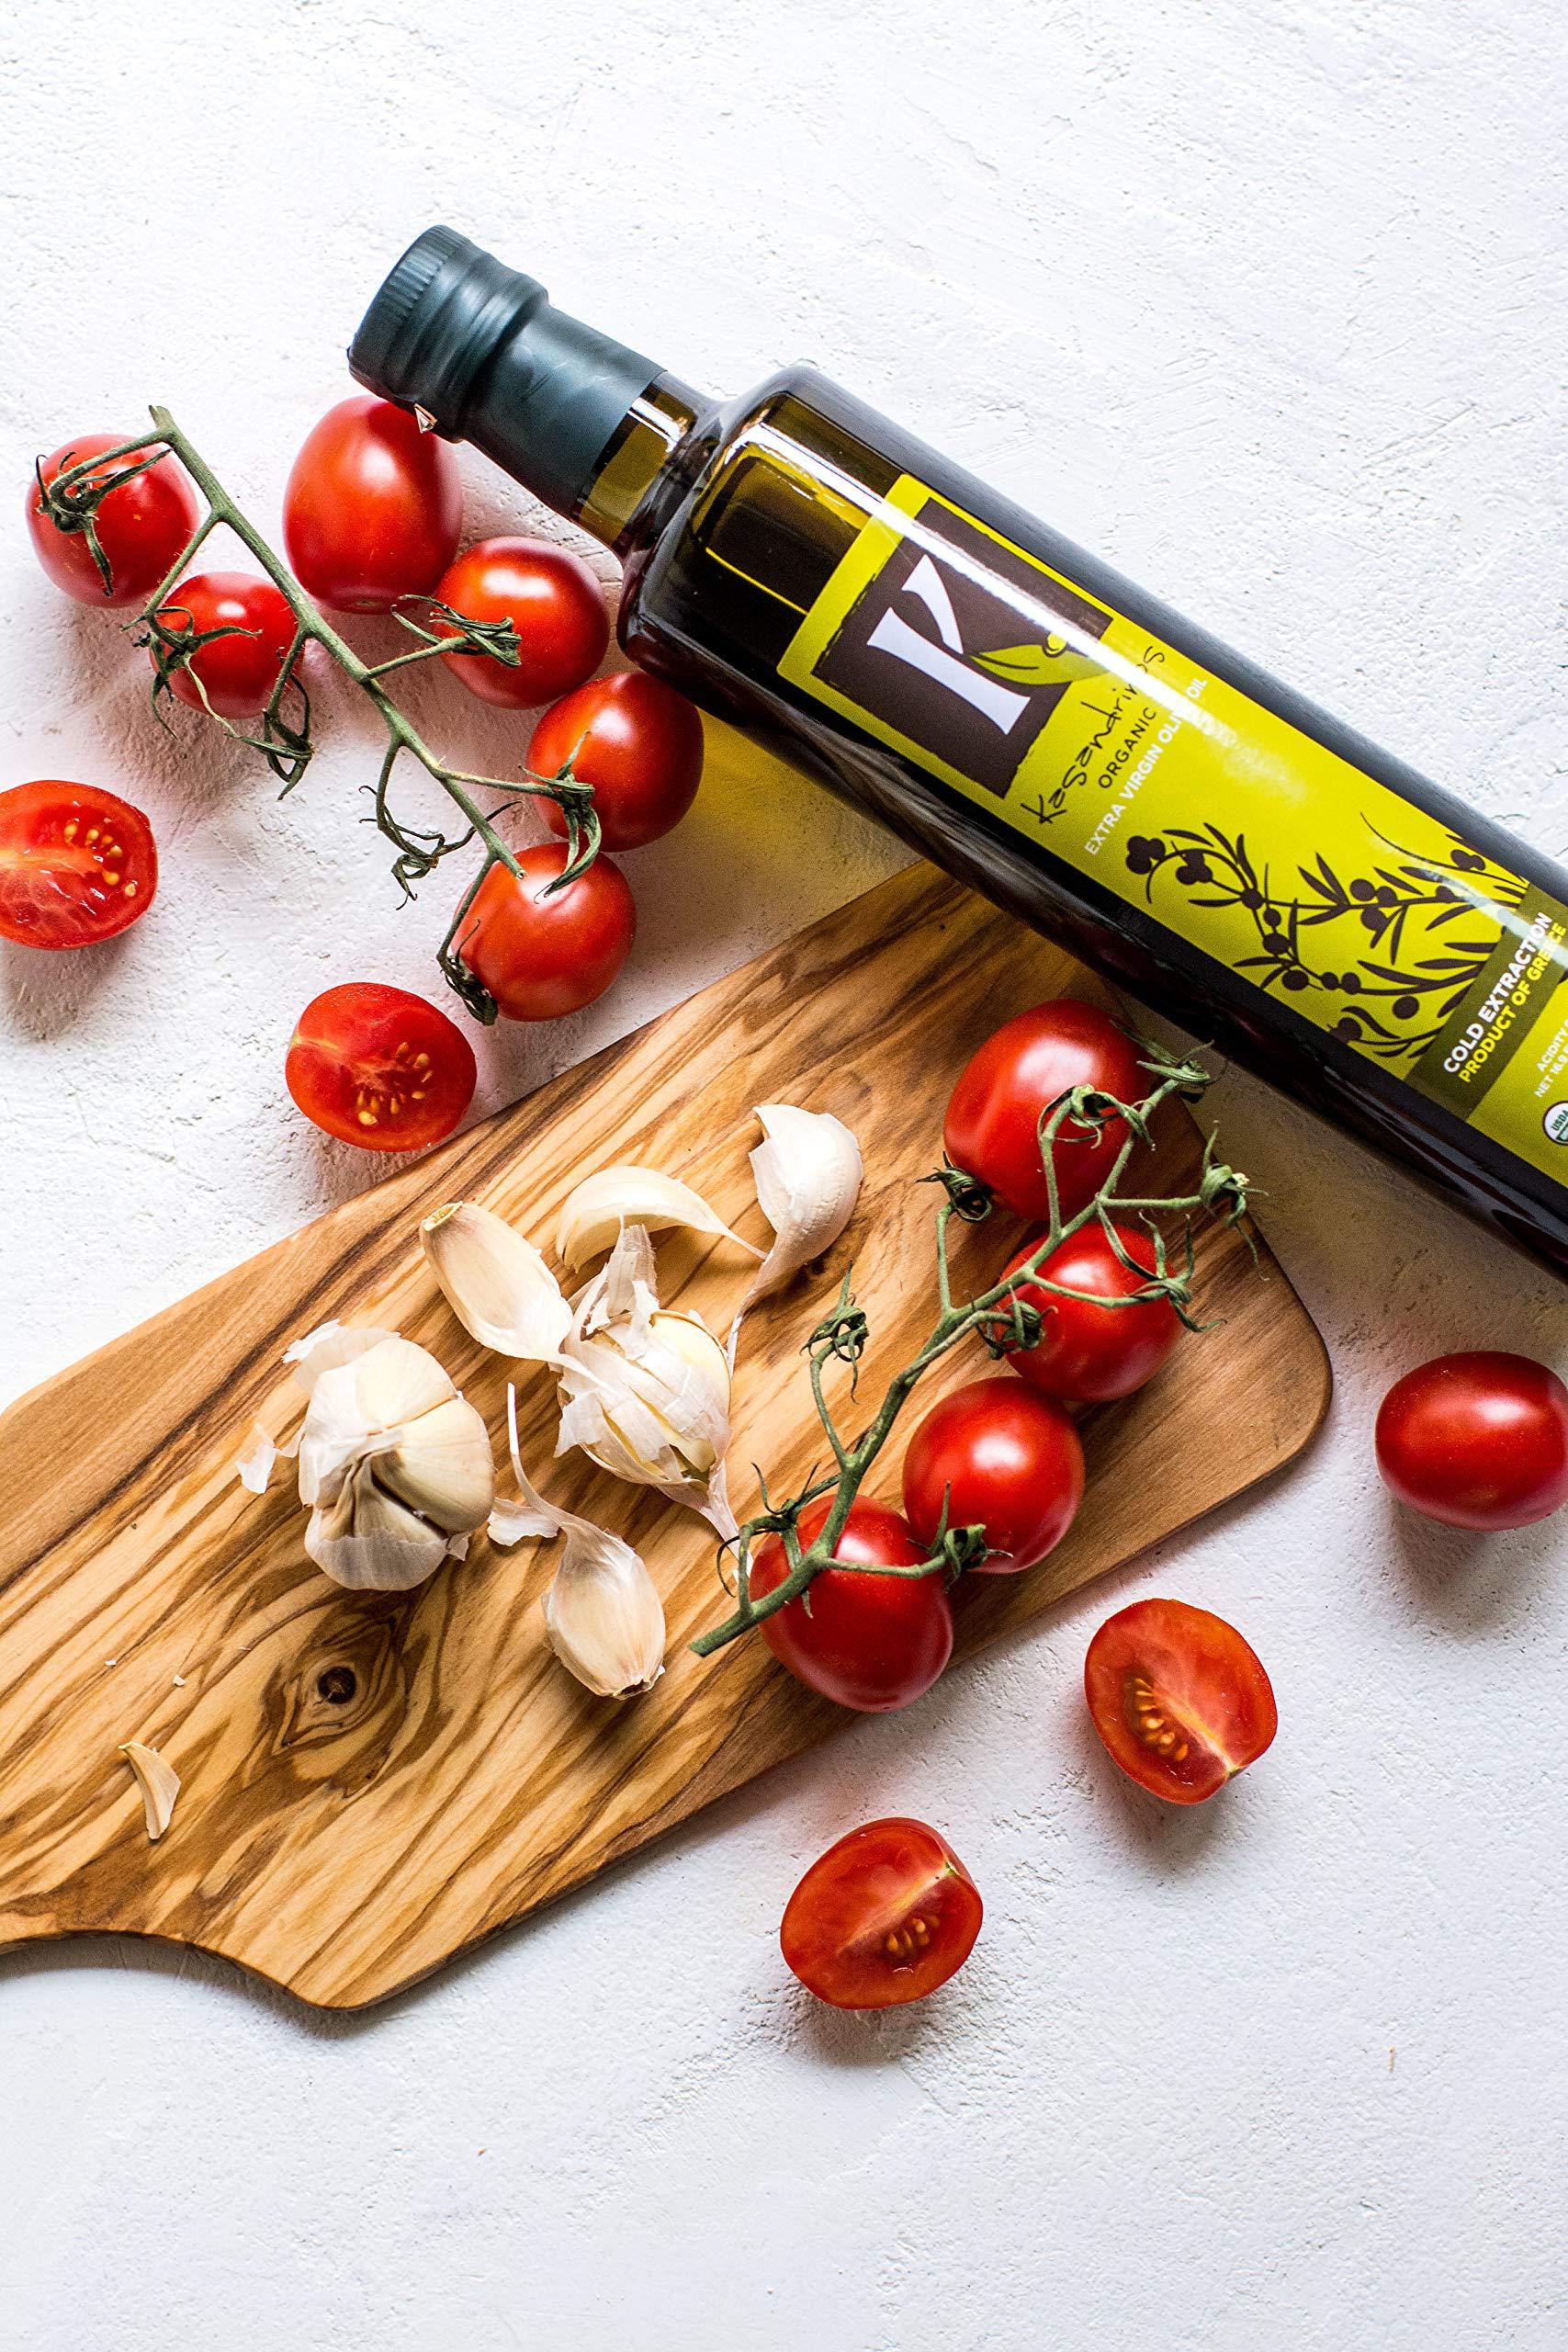 Kasandrinos Organic 2 Pack olive oil 500 ml Bottles by K. KASANDRINOS (Image #5)